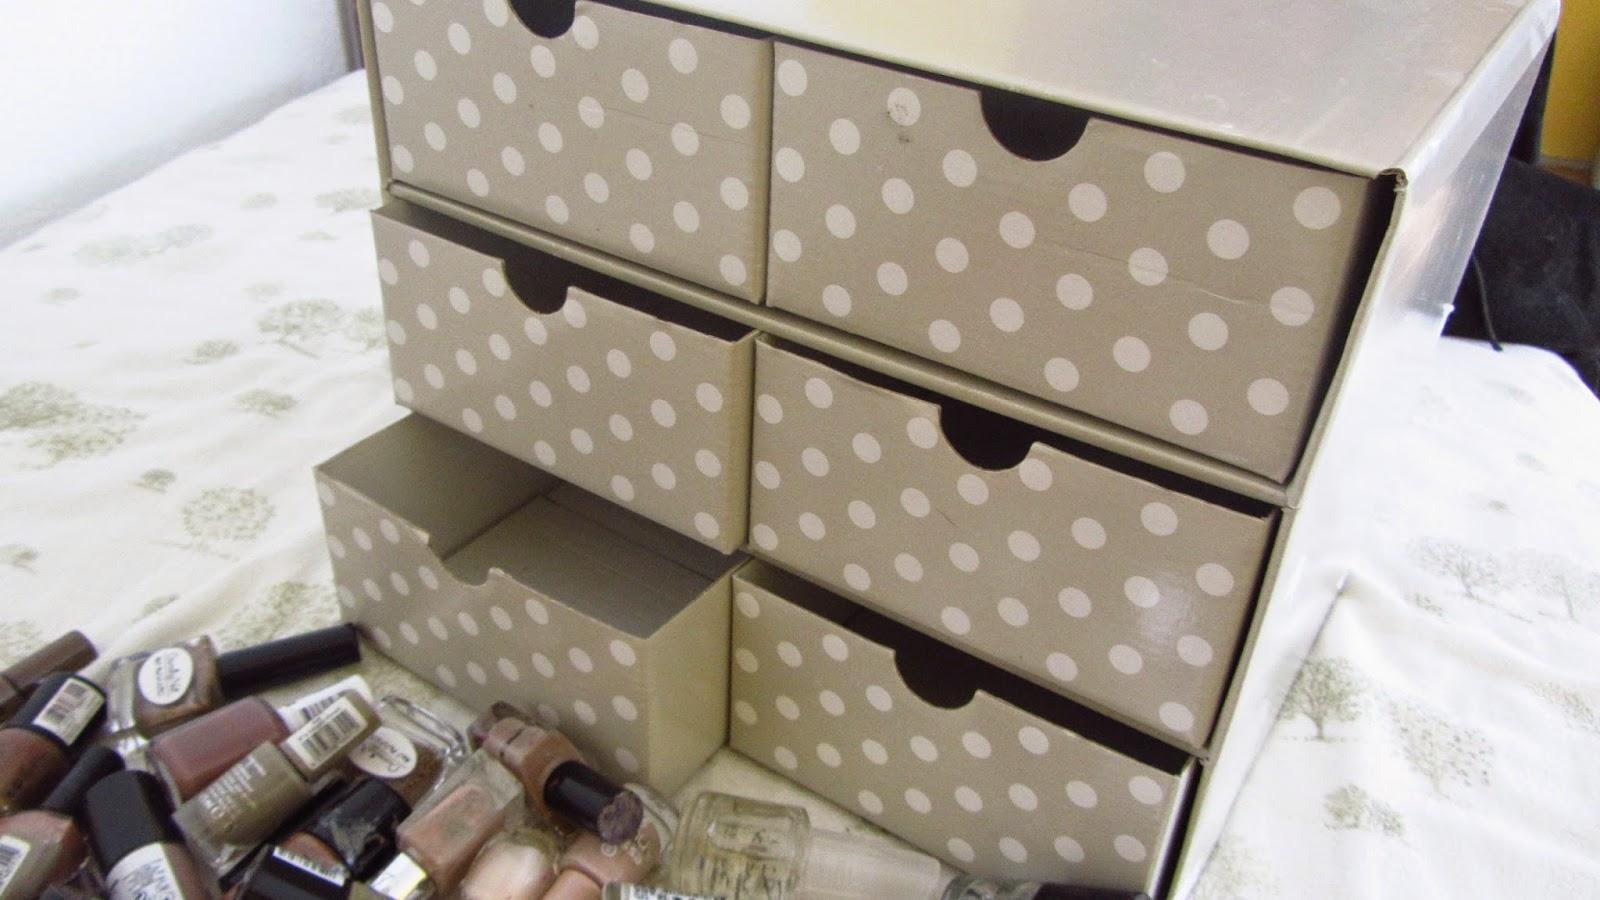 misszickzack meine nagellack aufbewahrung minikommode. Black Bedroom Furniture Sets. Home Design Ideas